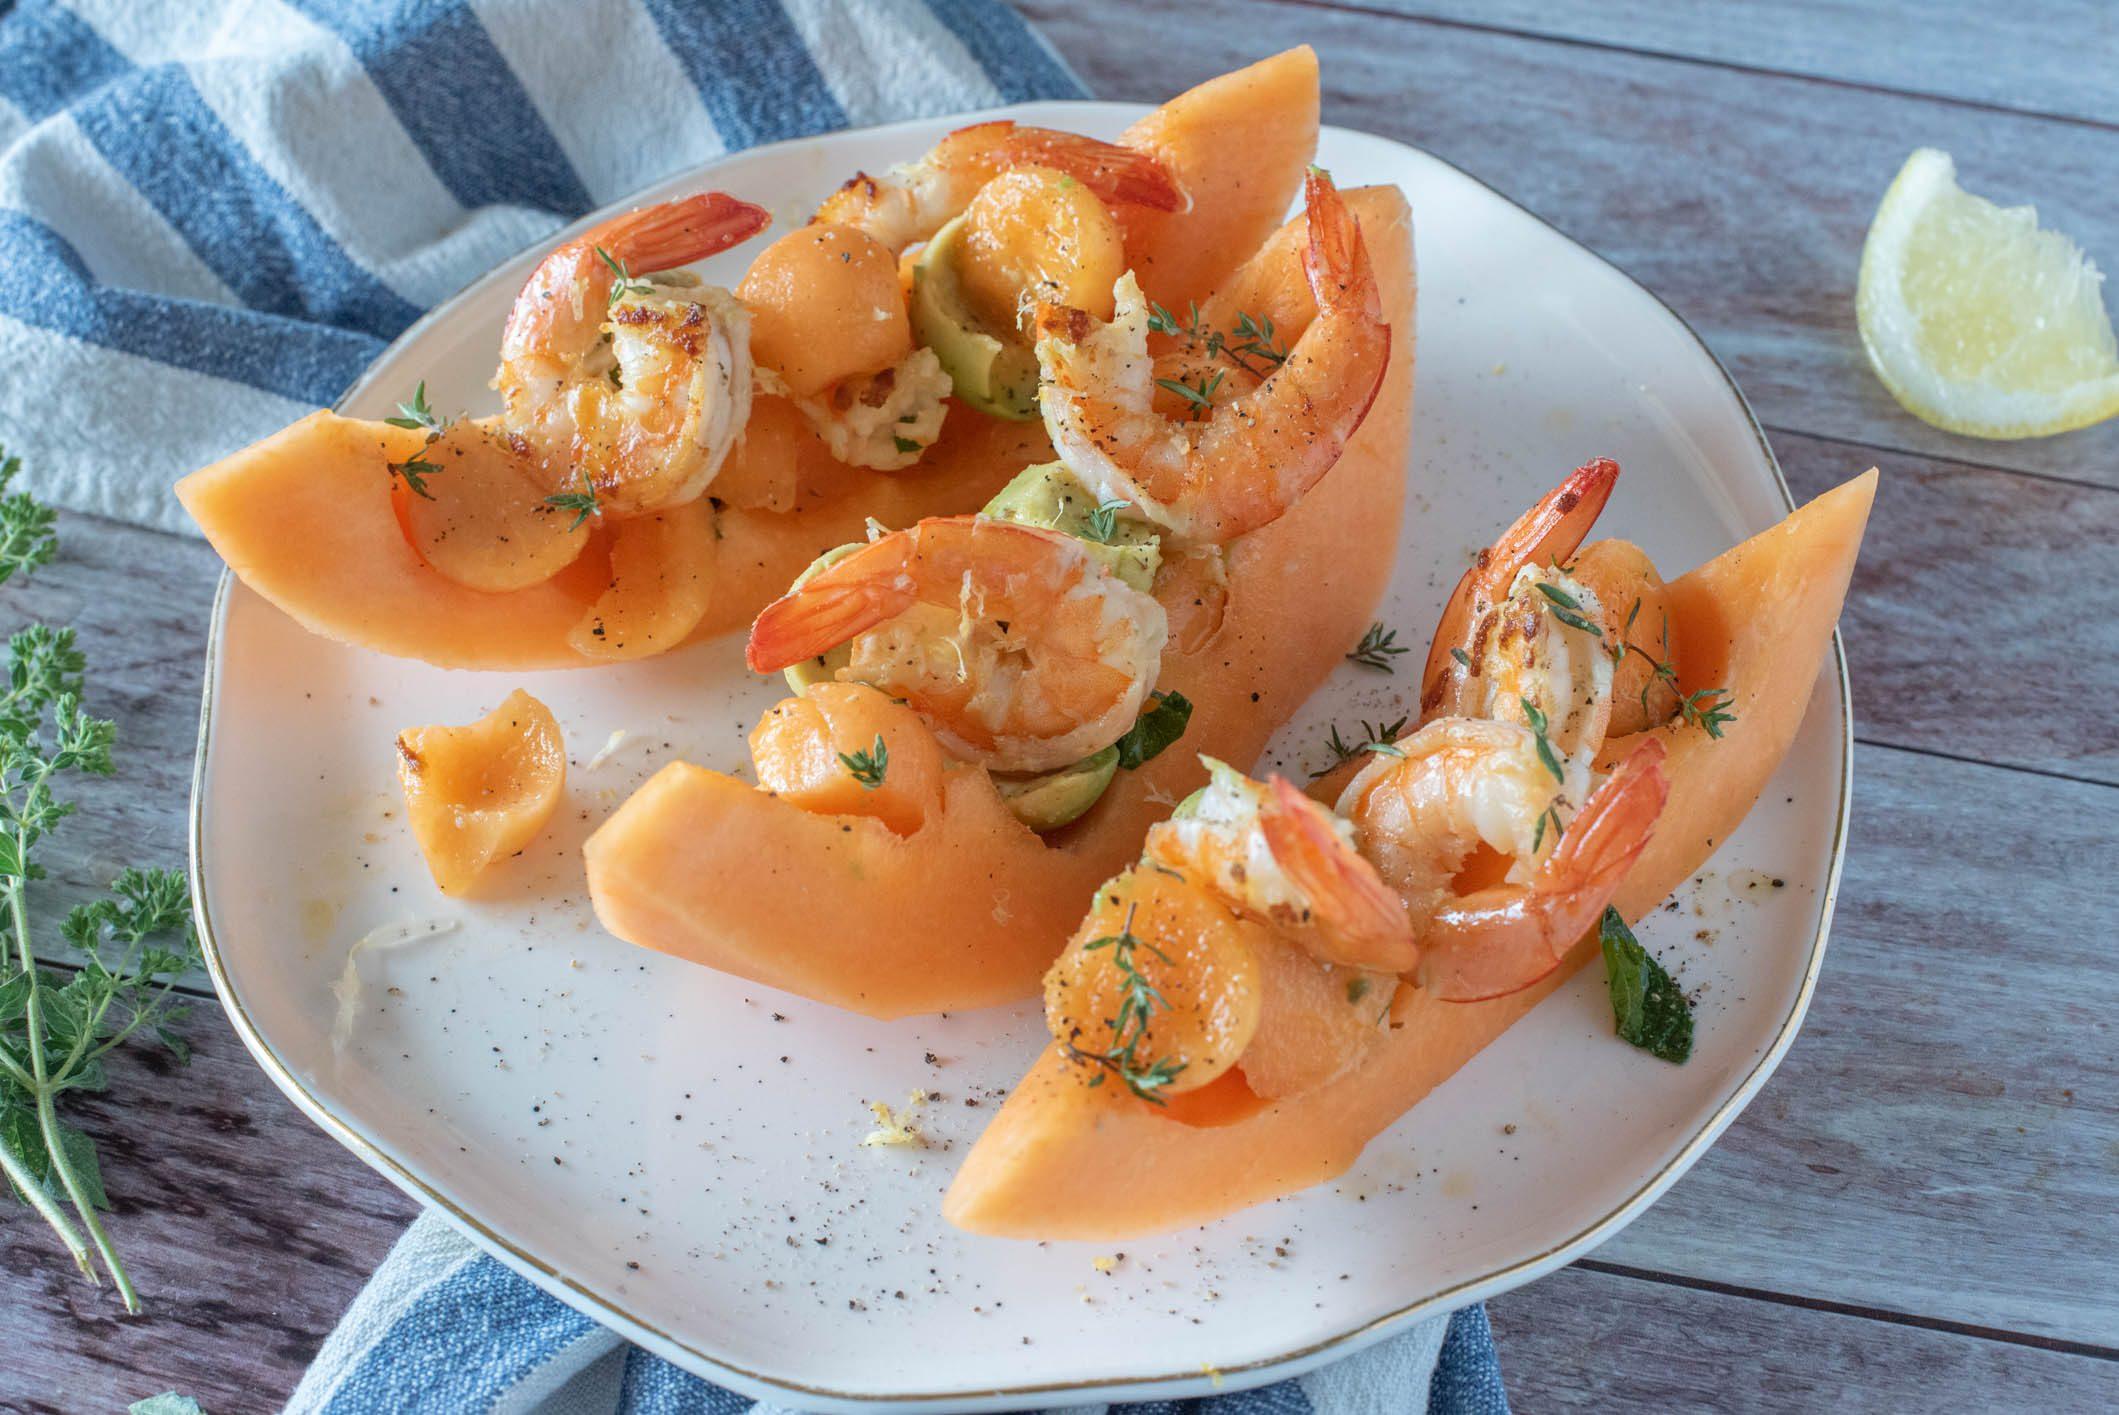 Insalata di melone e gamberi: la ricetta dell'antipasto fresco e delizioso